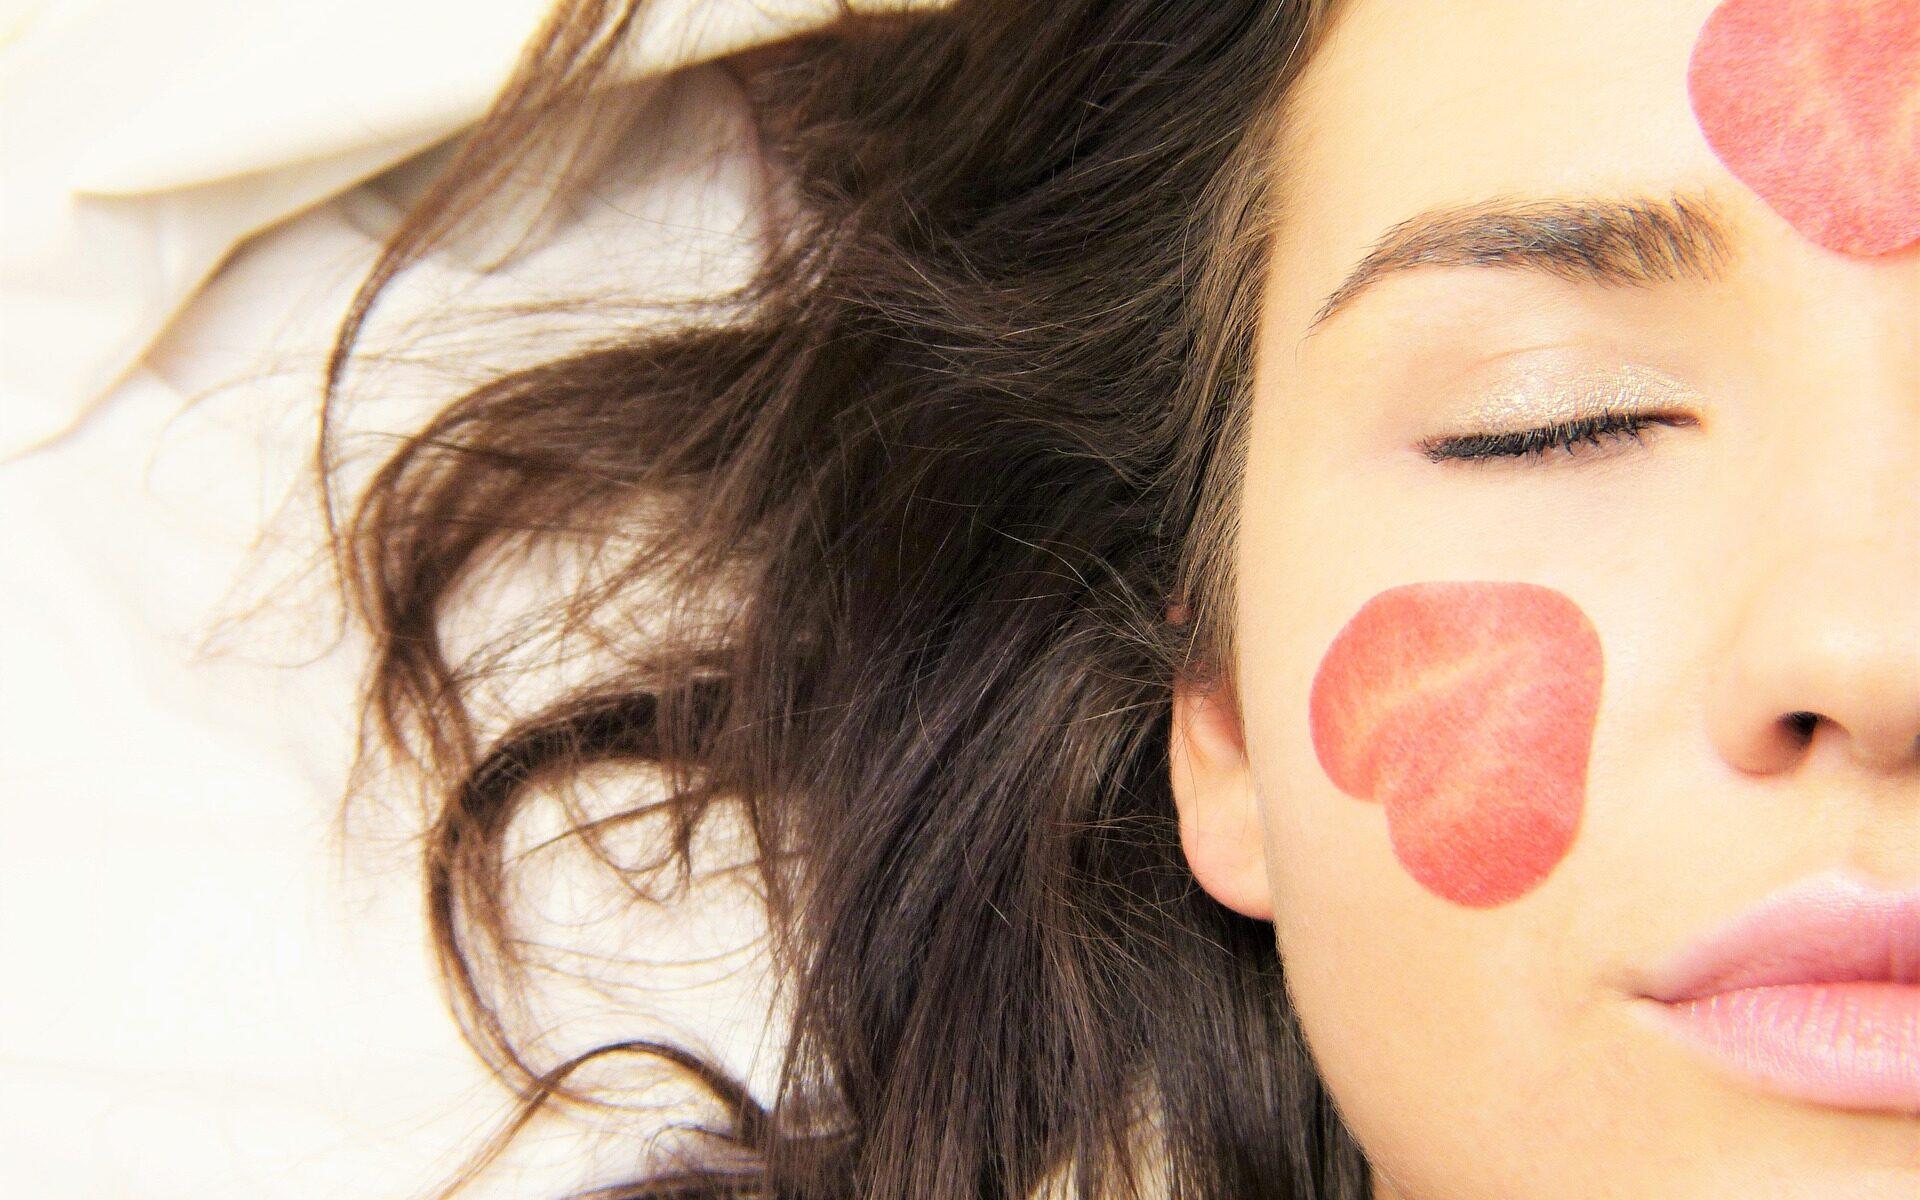 סוד הכמוסה איך קולגן מסייע לבריאות וטיפוח